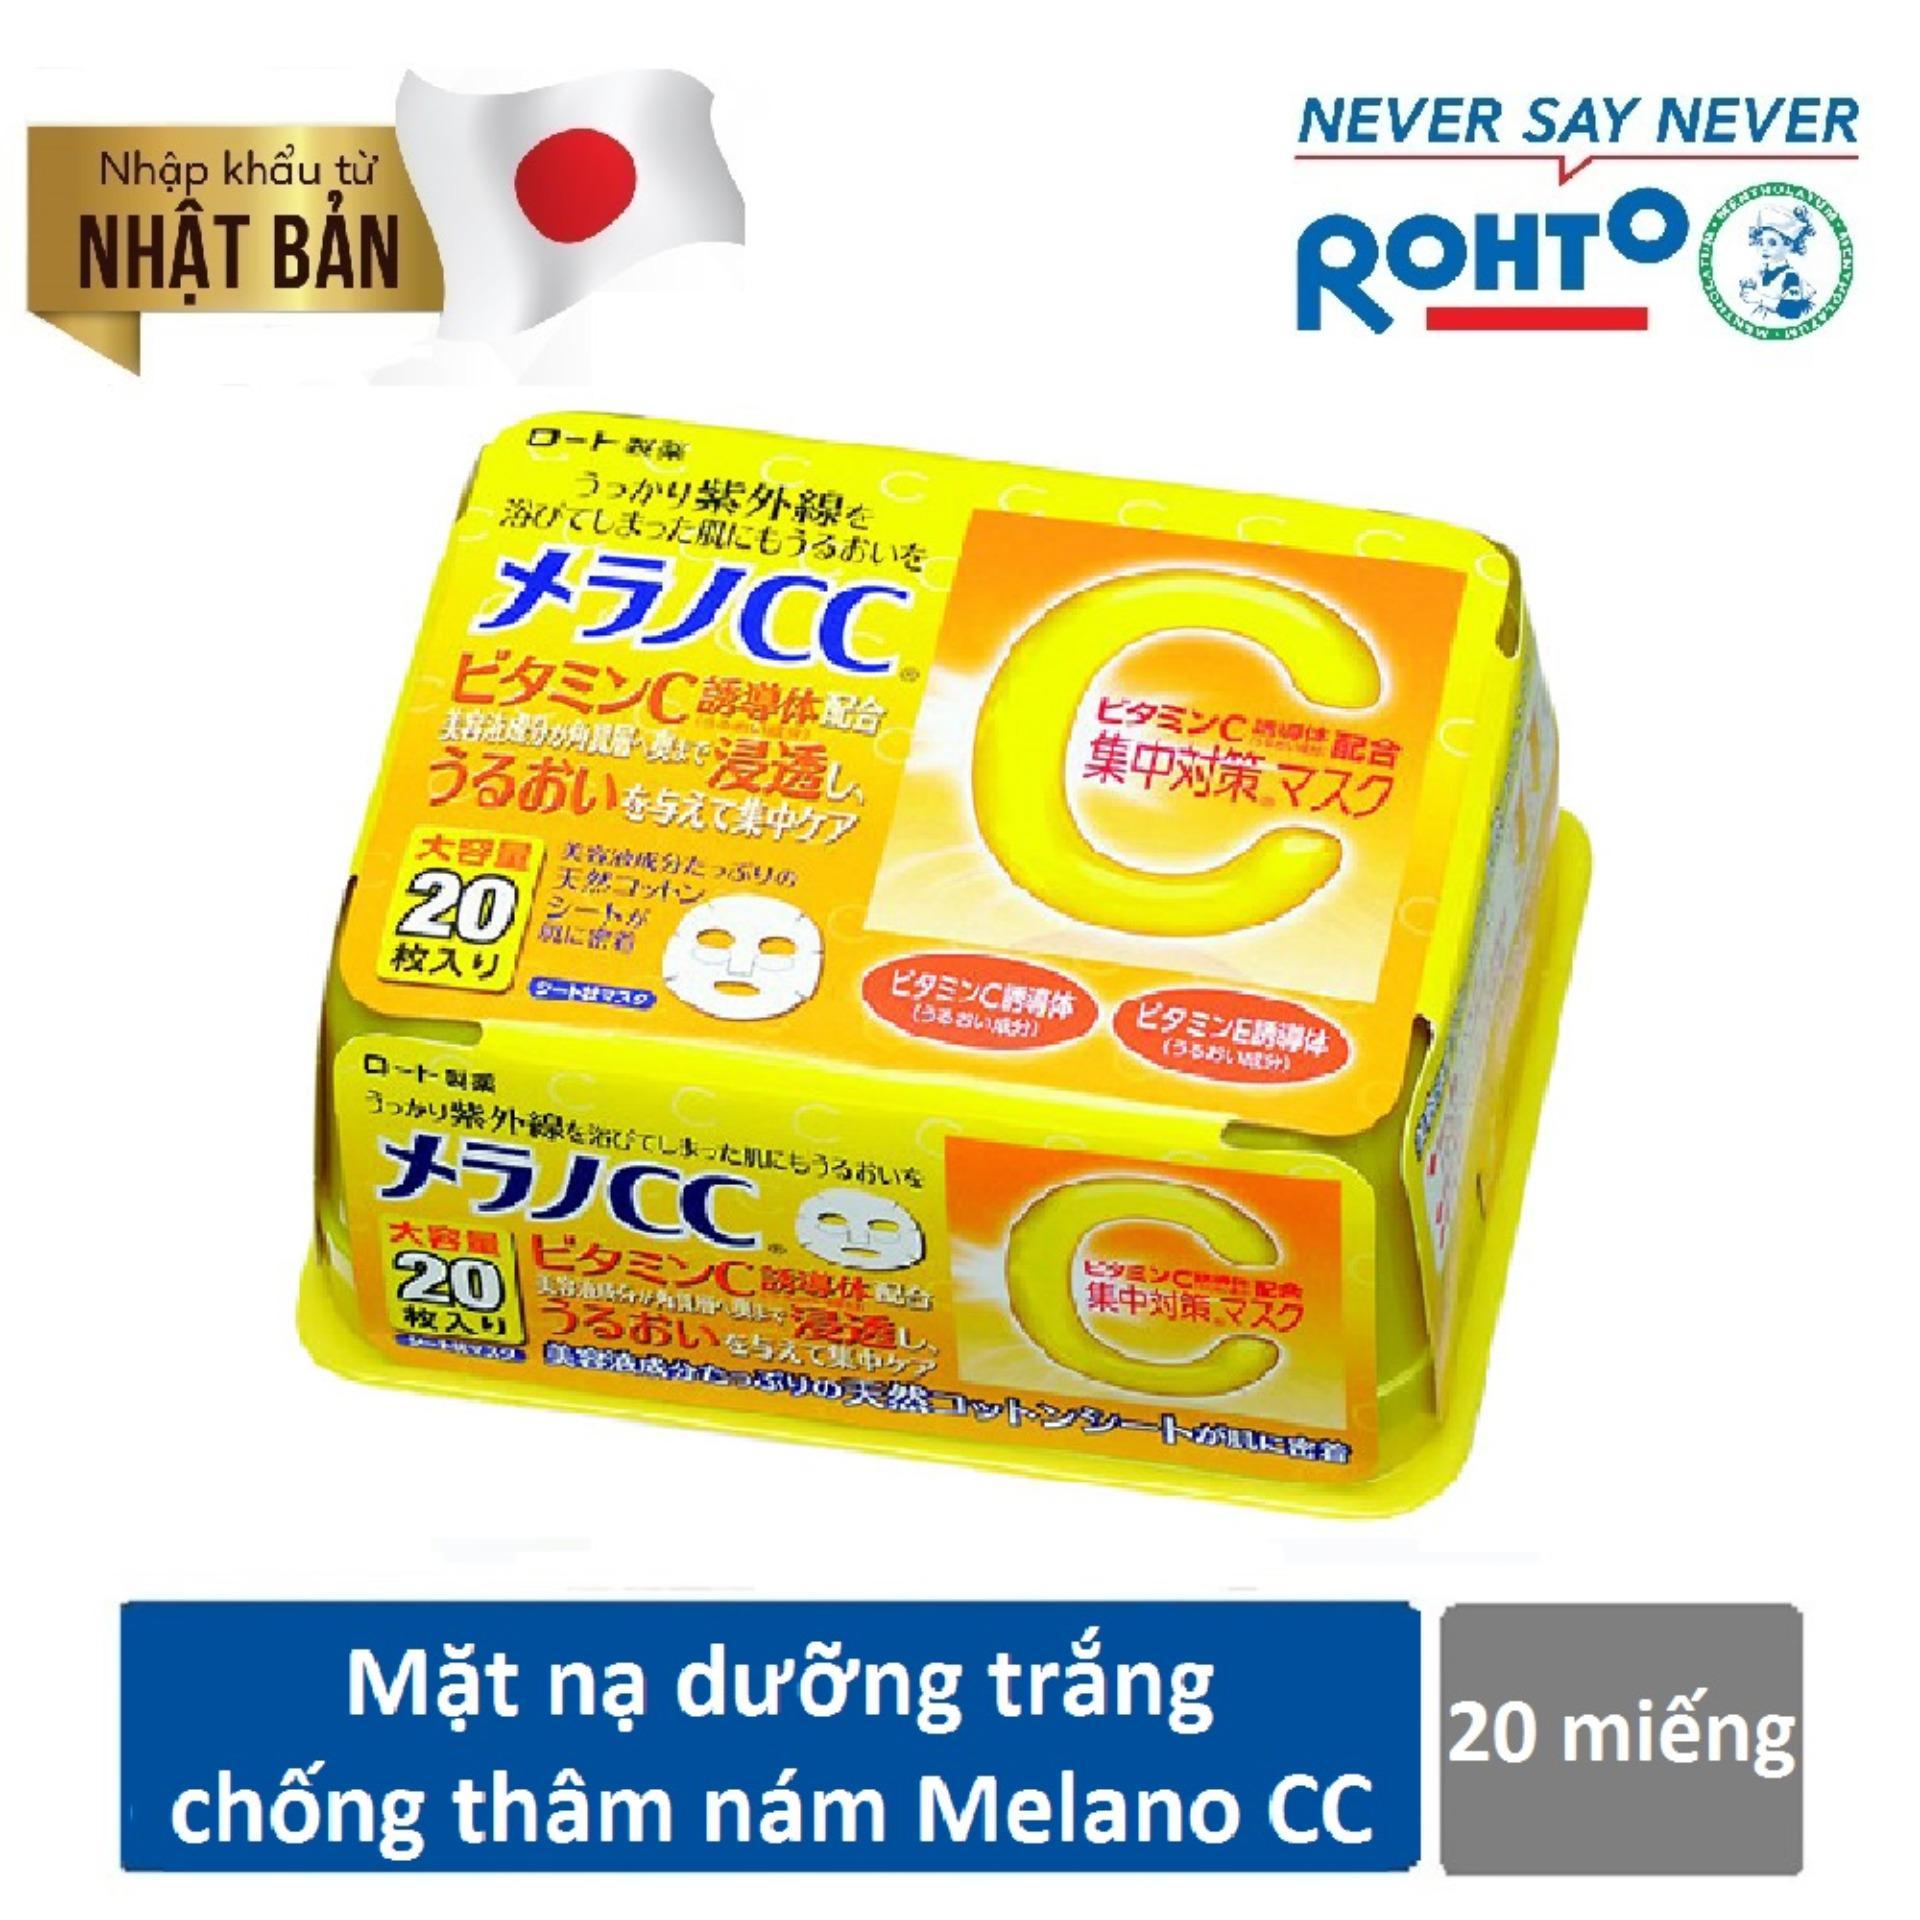 Hình ảnh Mặt nạ dưỡng trắng da chống thâm nám Melano CC Whitening Mask 20pcs ( Nhập khẩu từ Nhật Bản)